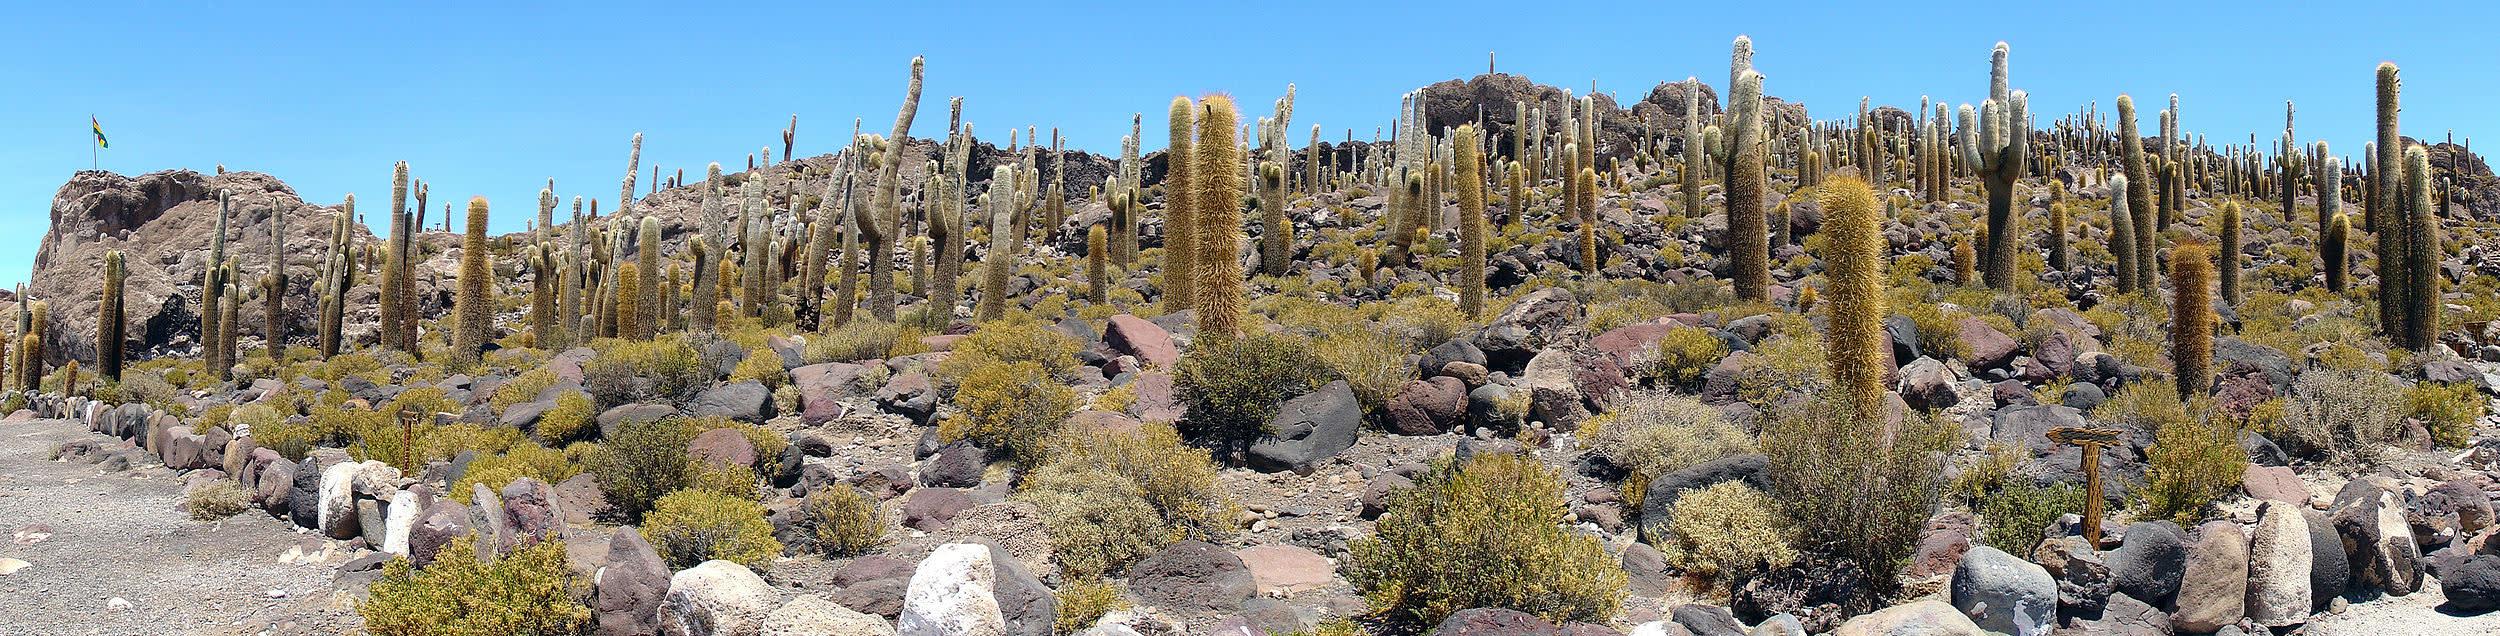 Salar_de_Uyuni_Décembre_2007_-_Cactus